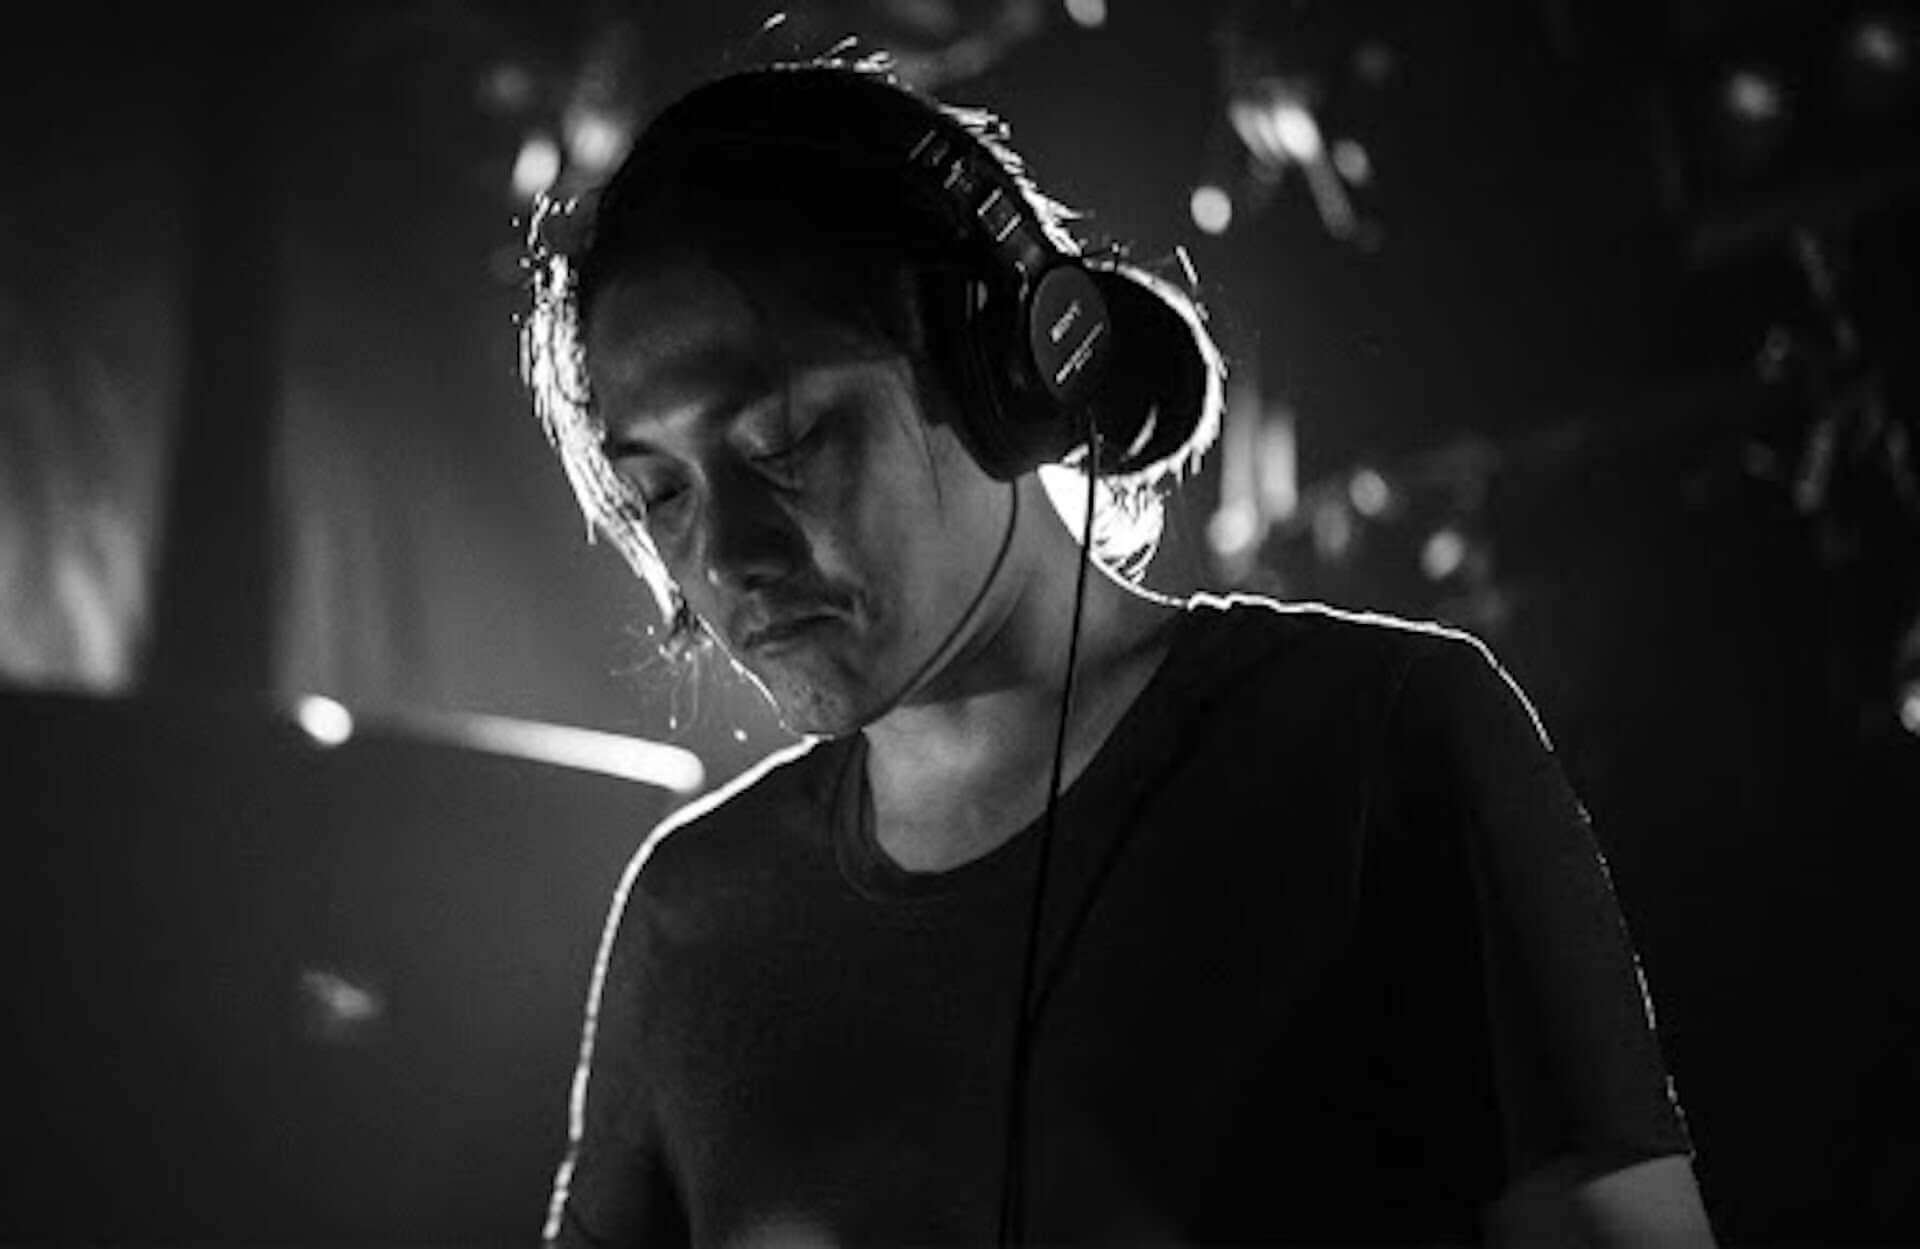 5周年を迎えたCIRCUS TOKYOが世界最先端の音響設備「VOID acoustics」を期間限定で導入!okadada、DJ WILDPARTYによる<AUDIO TWO>やSeiho出演<Inspiration>など続々開催 music201016_circus-tokyo_13-1920x1249